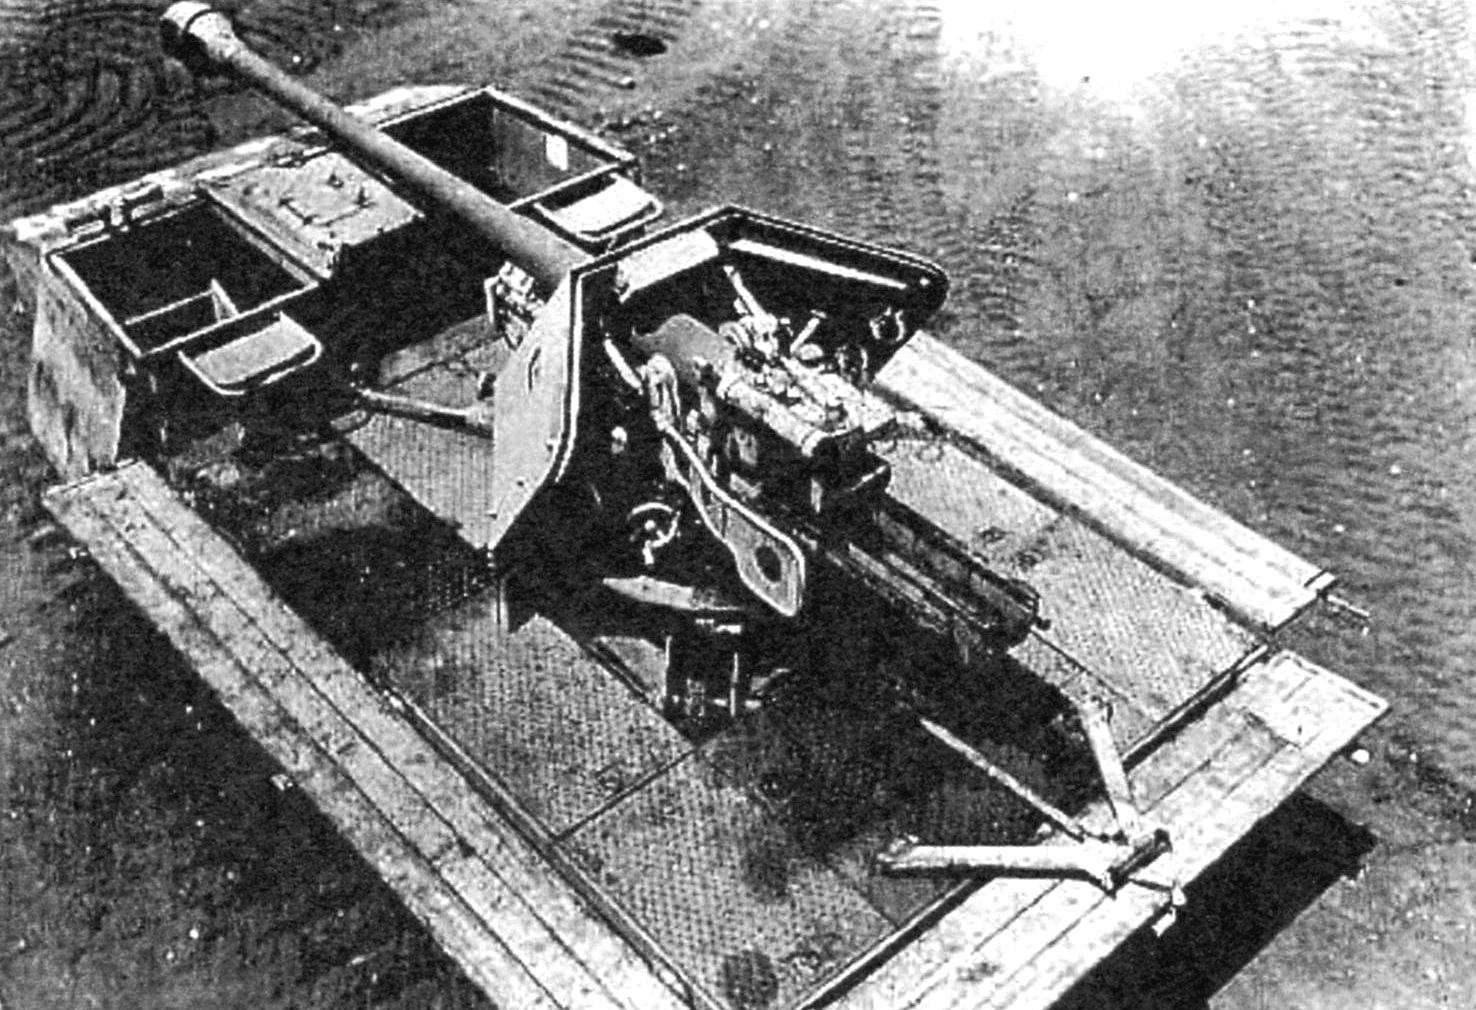 Грузовую платформу RSO превратили в открытый кузов с невысокими откидными бортами. В центре установили 75-мм противотанковое орудие РАК-40, оставив его 5-мм штатный щит